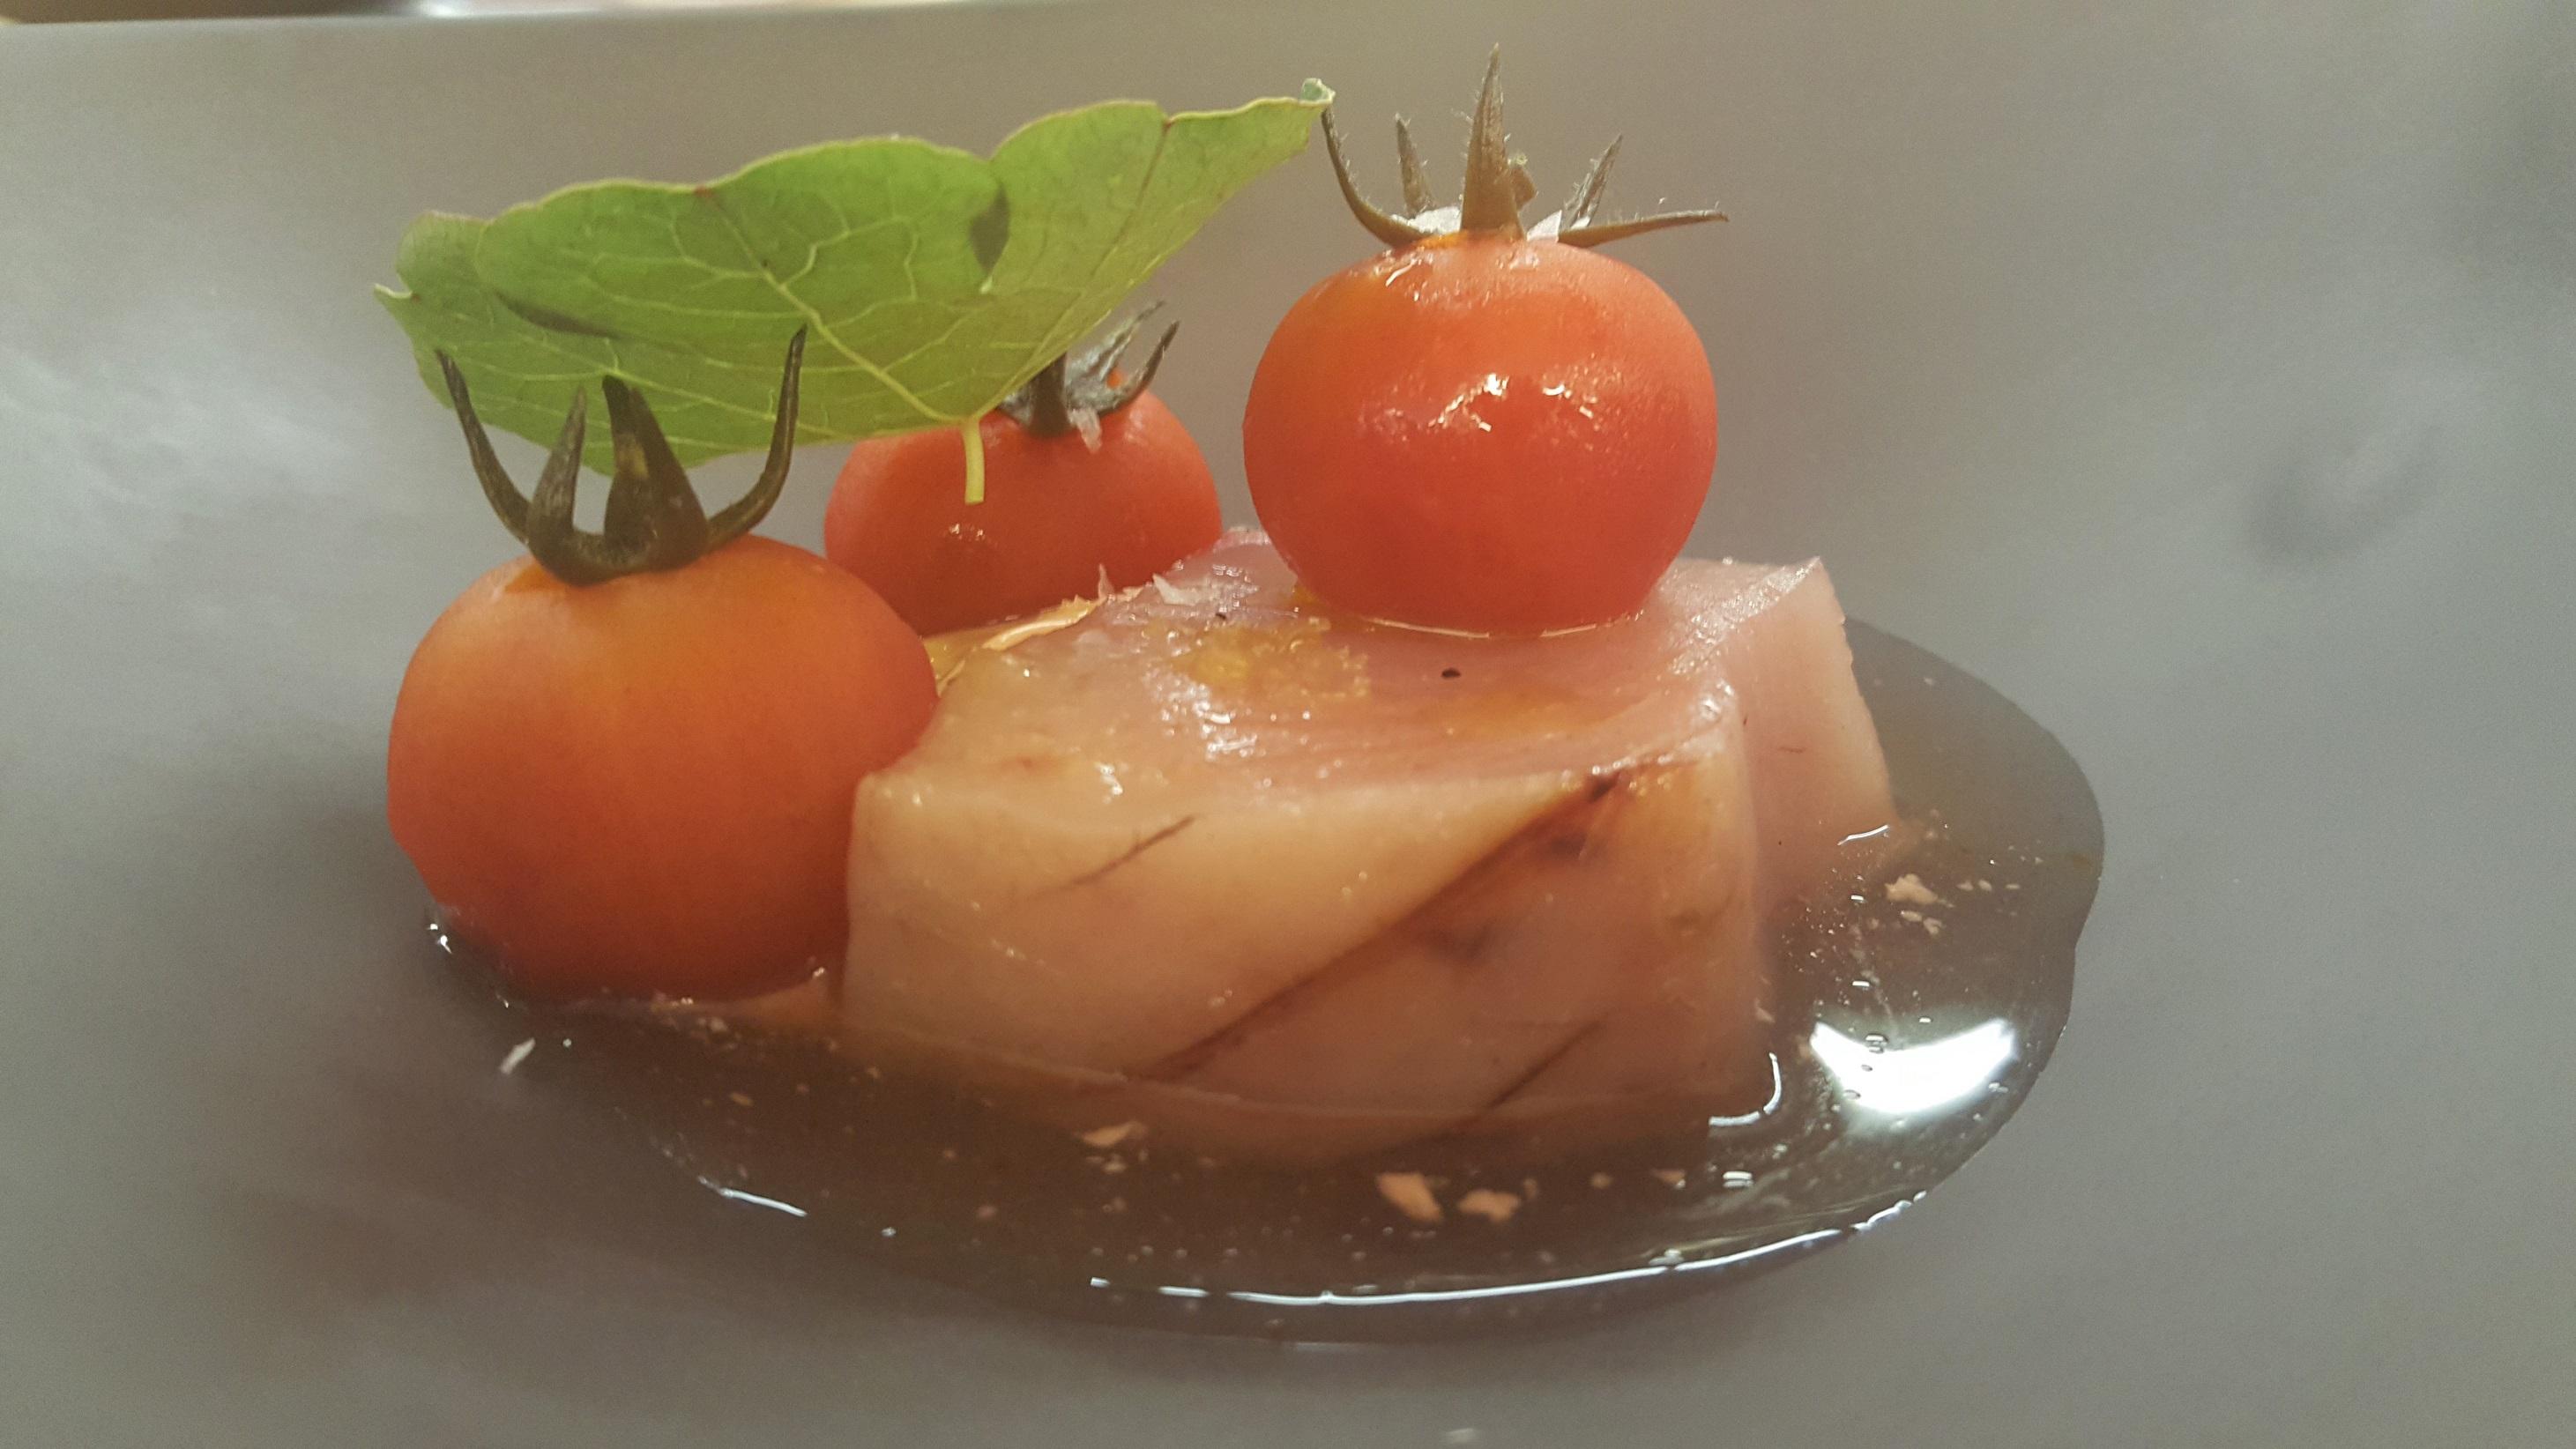 Bonito con tomate NADO